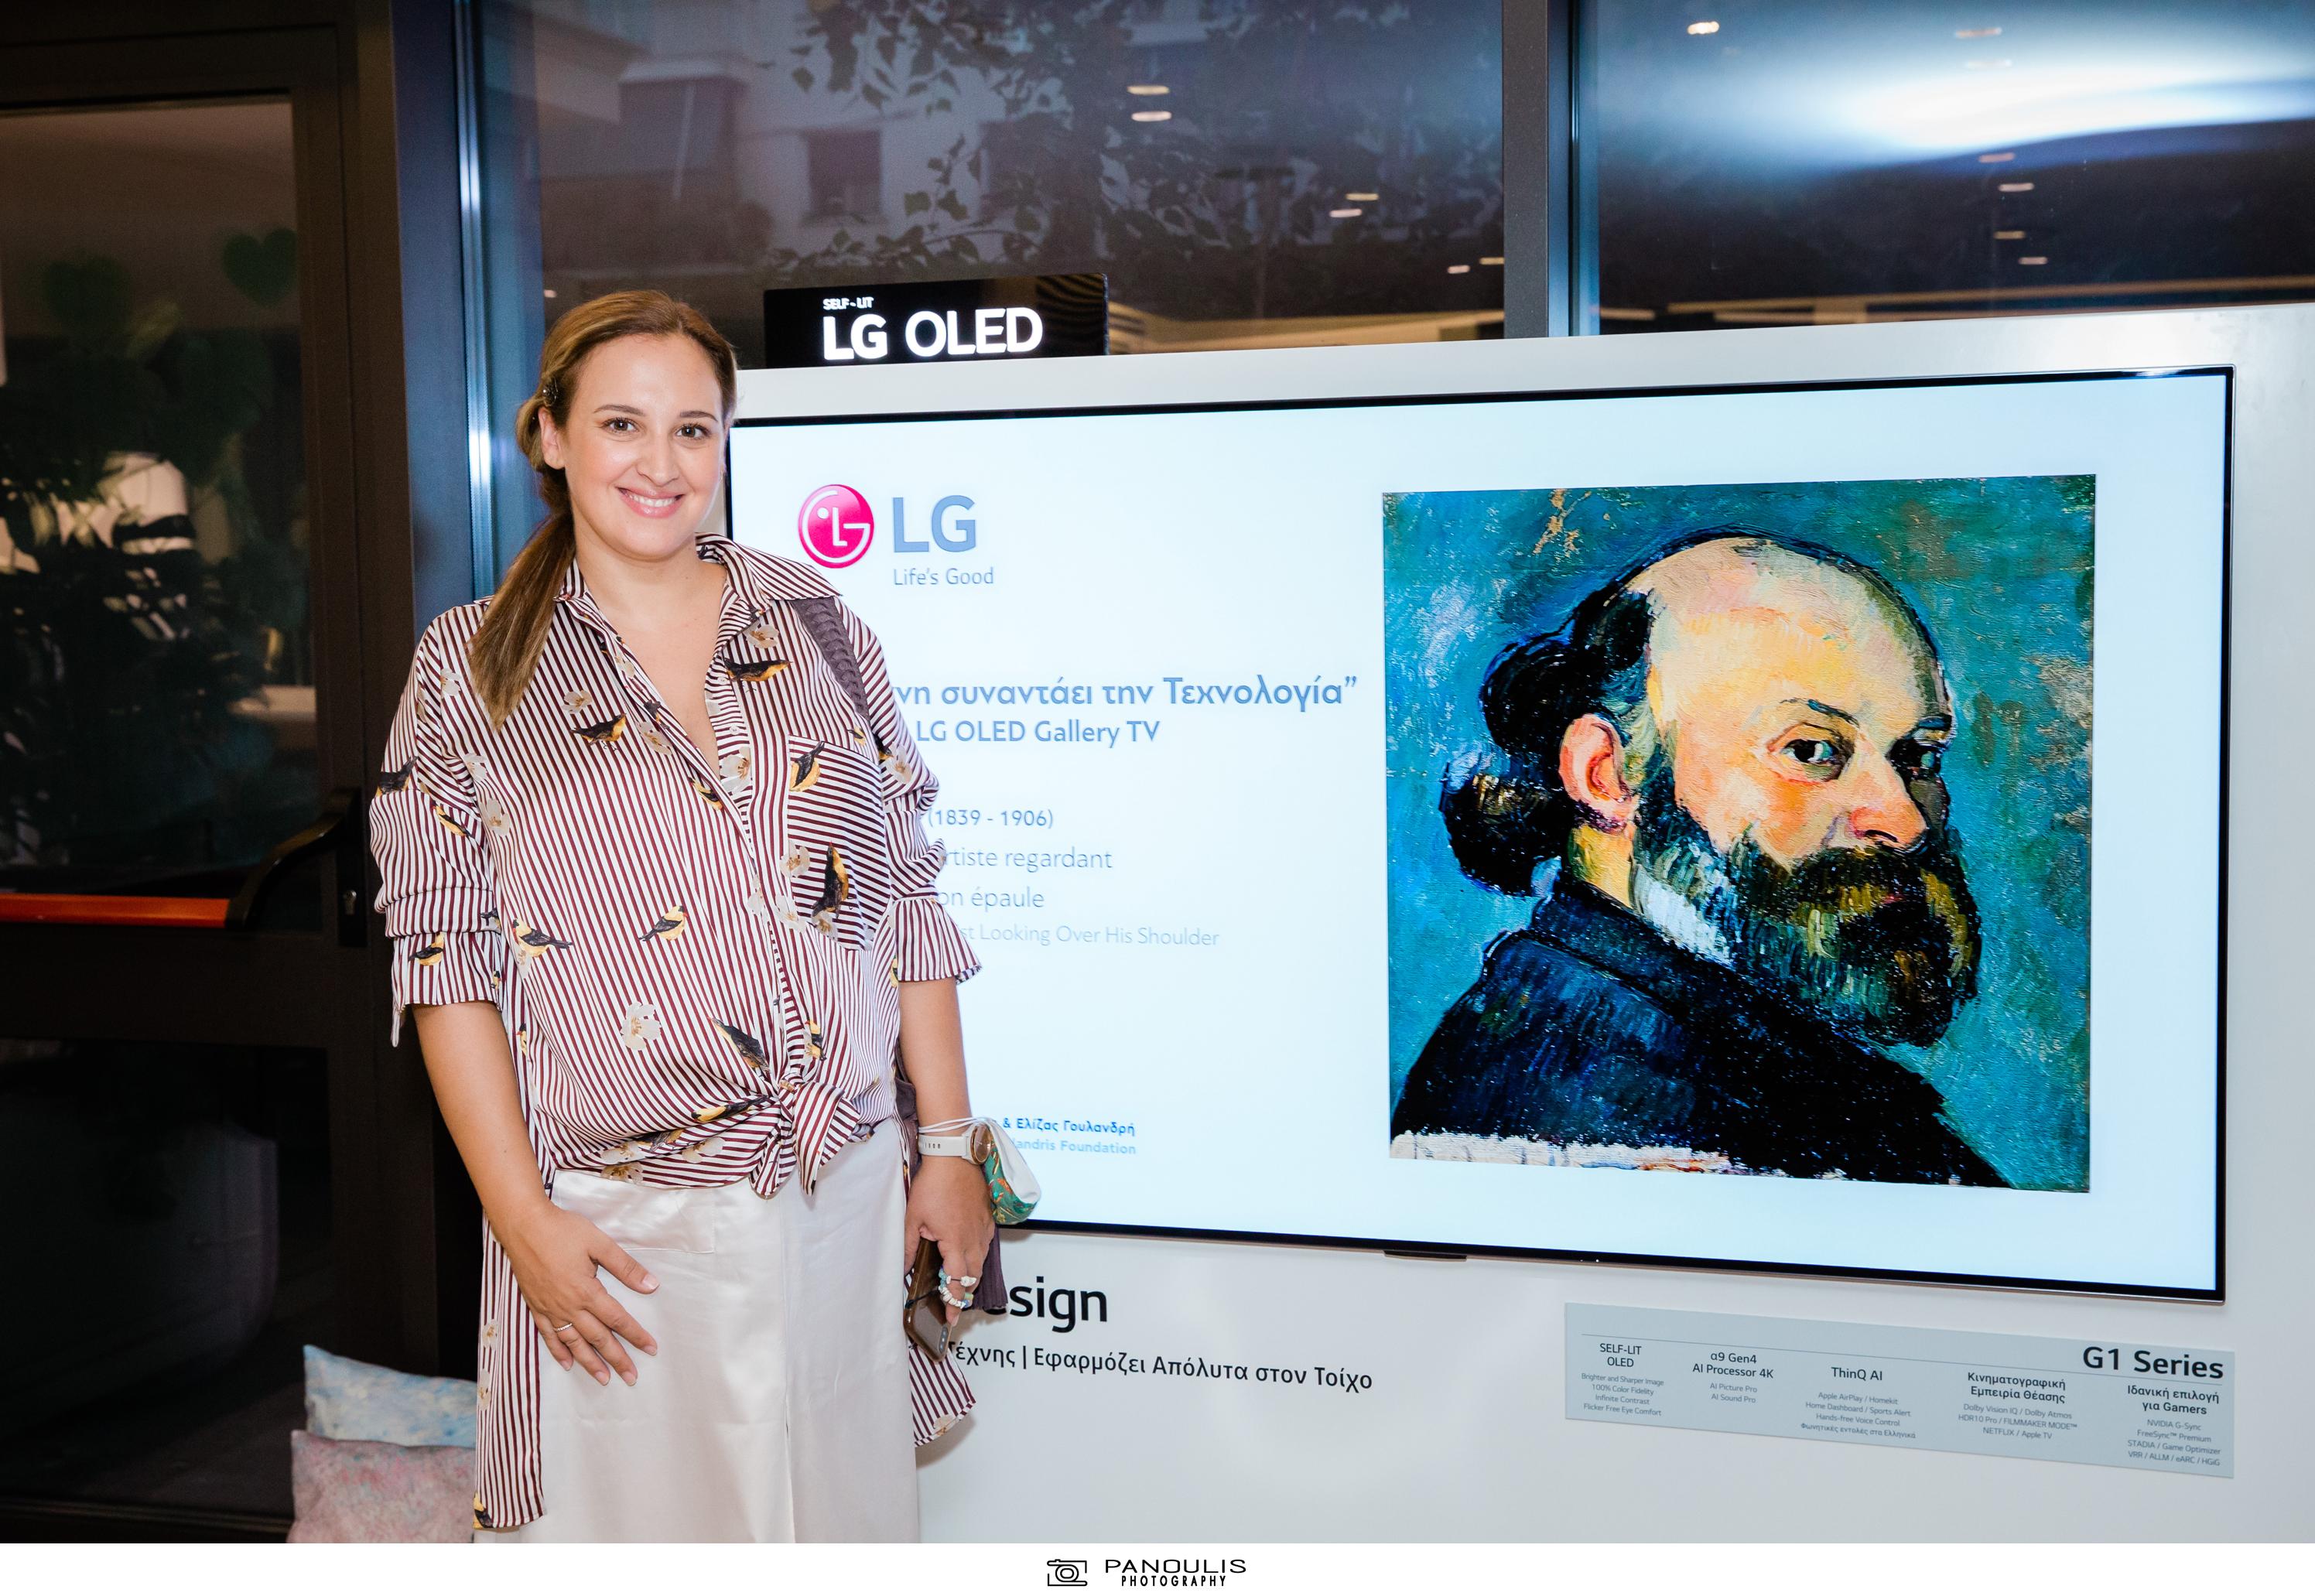 LG Electronics – Ίδρυμα Β&Ε Γουλανδρή: Η τέχνη συναντάει την τεχνολογία 8